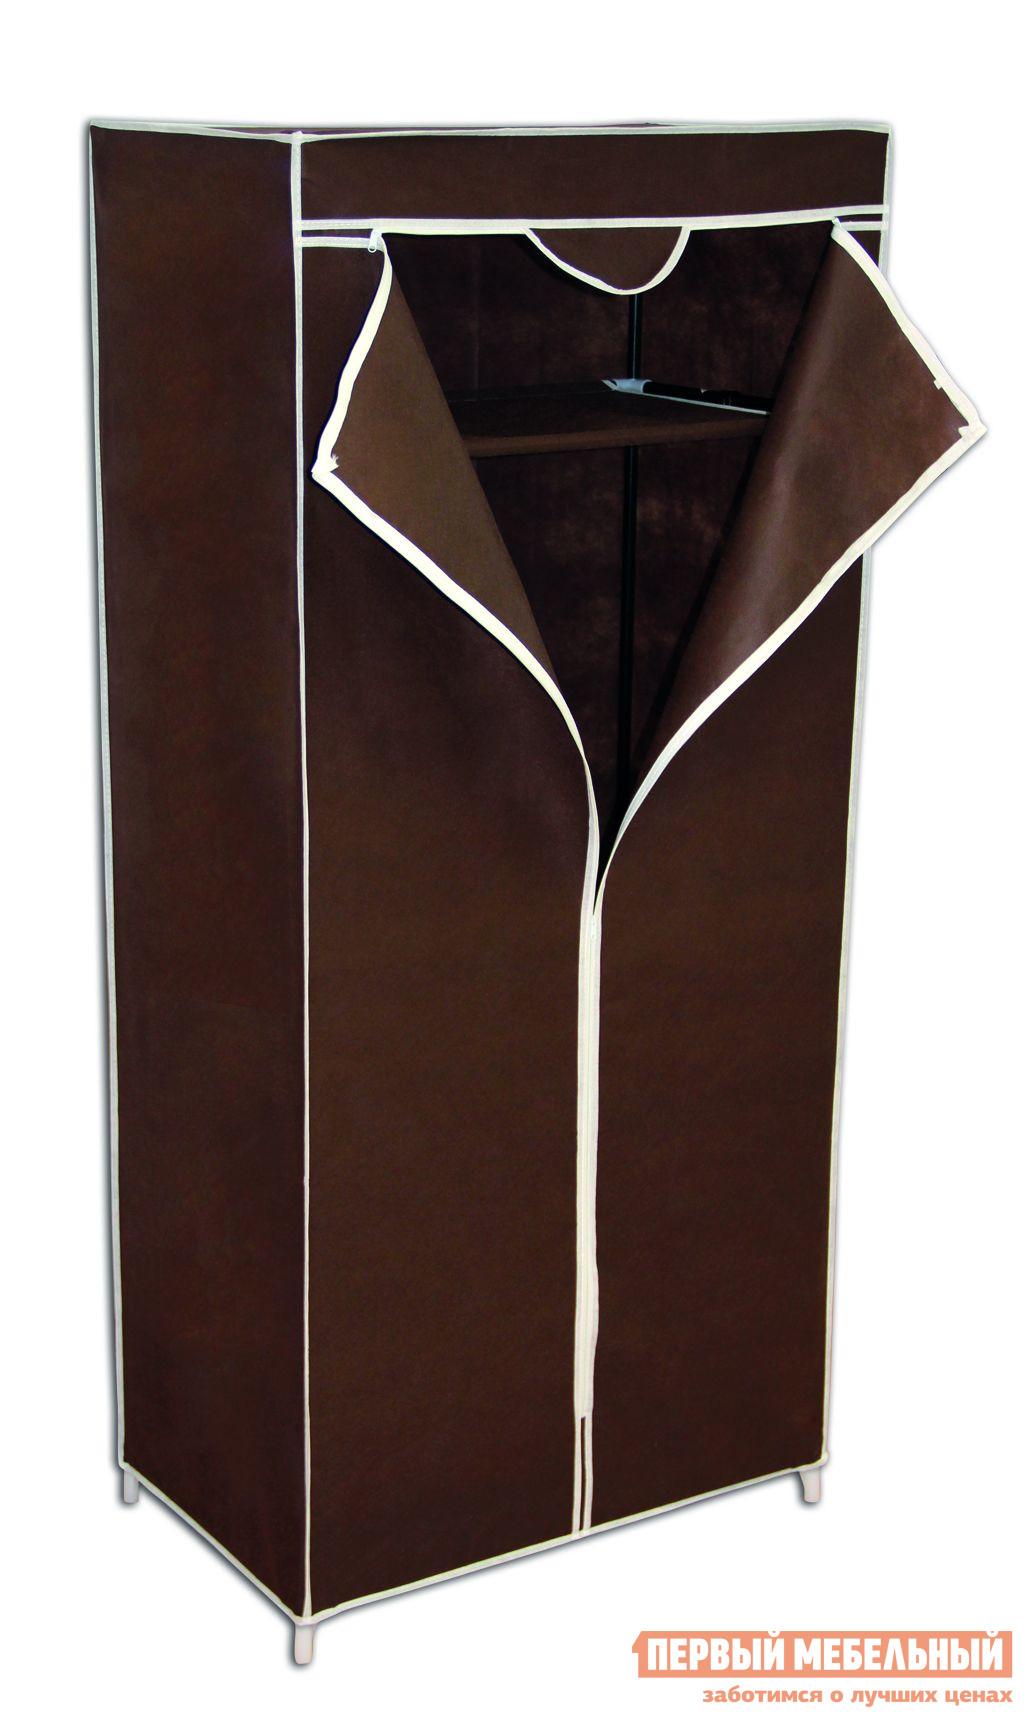 Гардеробная вешалка Sheffilton SHT-WR2012 КоричневыйГардеробные вешалки<br>Габаритные размеры ВхШхГ 1550x700x440 мм. Гардеробная вешалка в чехле — оригинальное и практичное решение для хранения ваших вещей.  Чехол надежно защищает одежду от пыли, грязи и влаги.  Разнообразие оттенков поможет подобрать модель, подходящую по вкусу и под интерьер. Каркас выполнен из металлических трубок и пластиковых соединительных крепежей.  Вешалка оснащена промежуточной полкой из плотного нетканого материала.  Под полкой предусмотрена металлическая штанга для вешалок.  Чехол закрывается а молнию. Максимальная нагрузка на вешалку — 13 кг, на полку — 3 кг.<br><br>Цвет: Коричневый<br>Цвет: Коричневый<br>Высота мм: 1550<br>Ширина мм: 700<br>Глубина мм: 440<br>Кол-во упаковок: 1<br>Форма поставки: В разобранном виде<br>Срок гарантии: 2 года<br>Материал: Металлические<br>Особенности: Дешевые